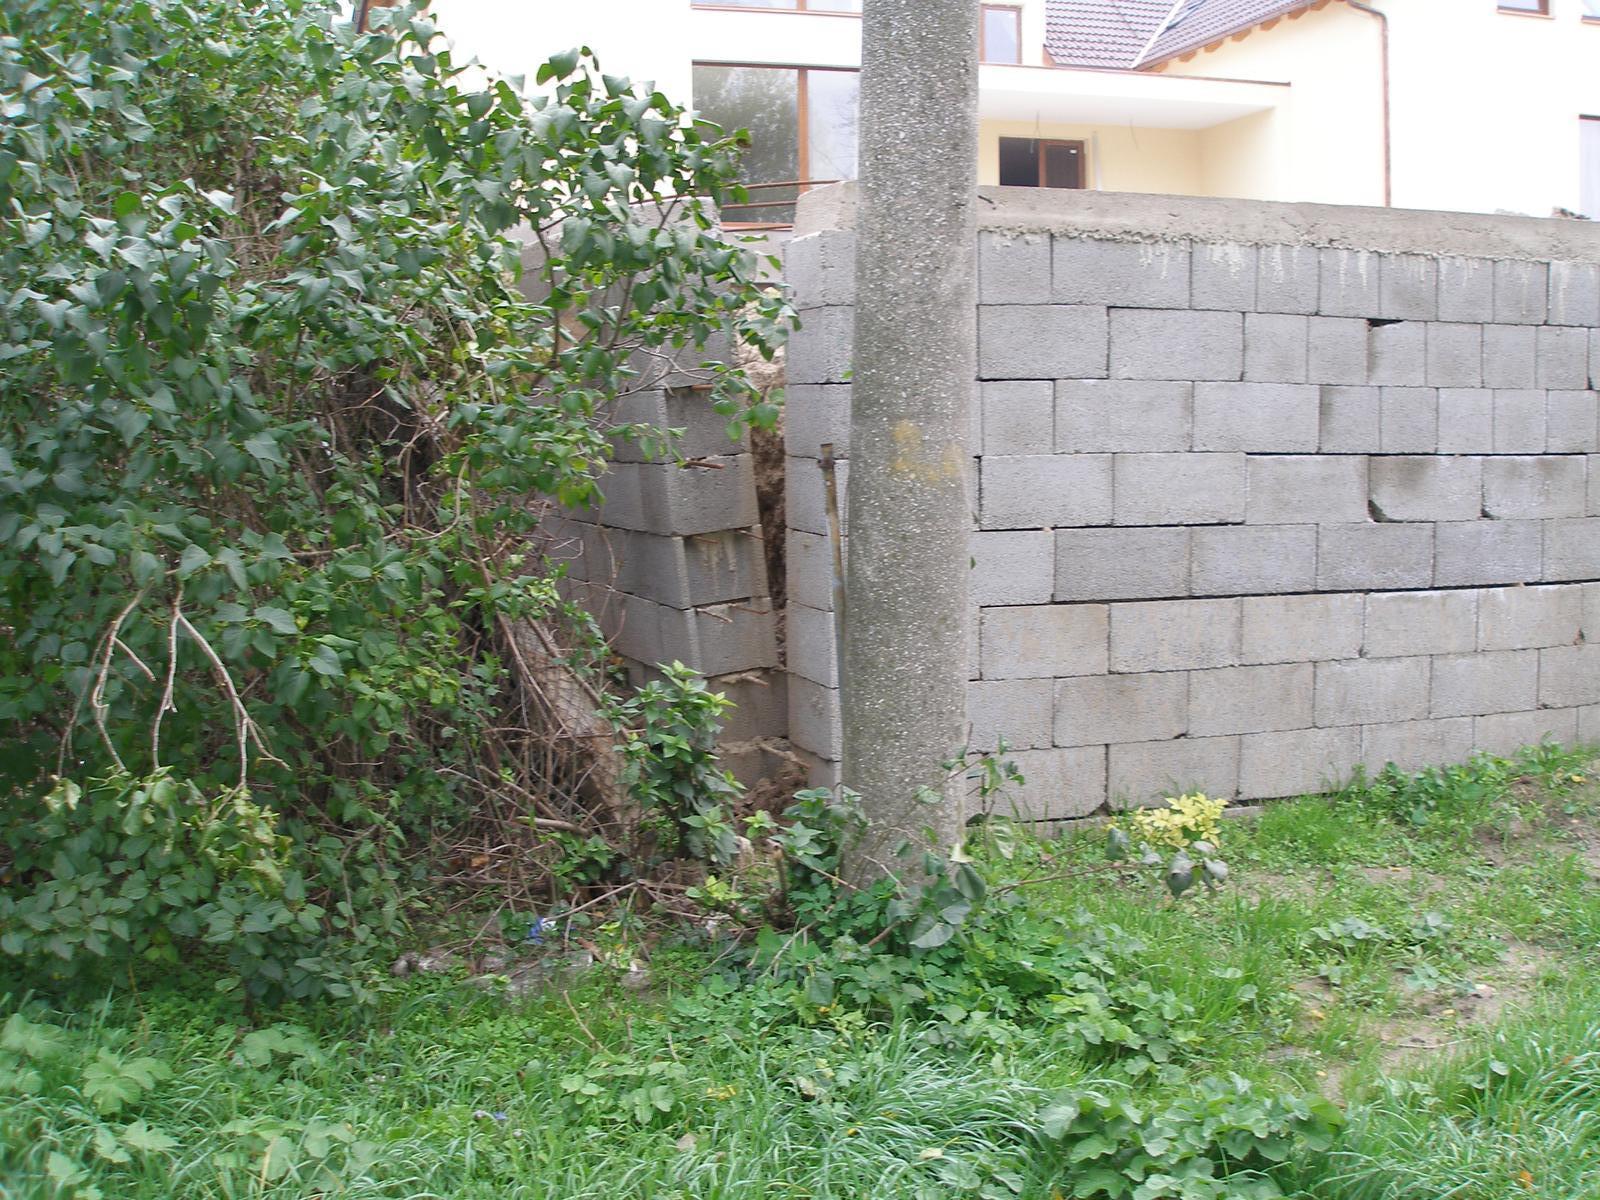 03 Poruchy a havárie oporných múrov. ( doplnené 12.6.2020 ) - 001...Havária oporného múru z DT30 výšky 2,1m cca ihneď po zasypaní. Bratislava - Devín 2006